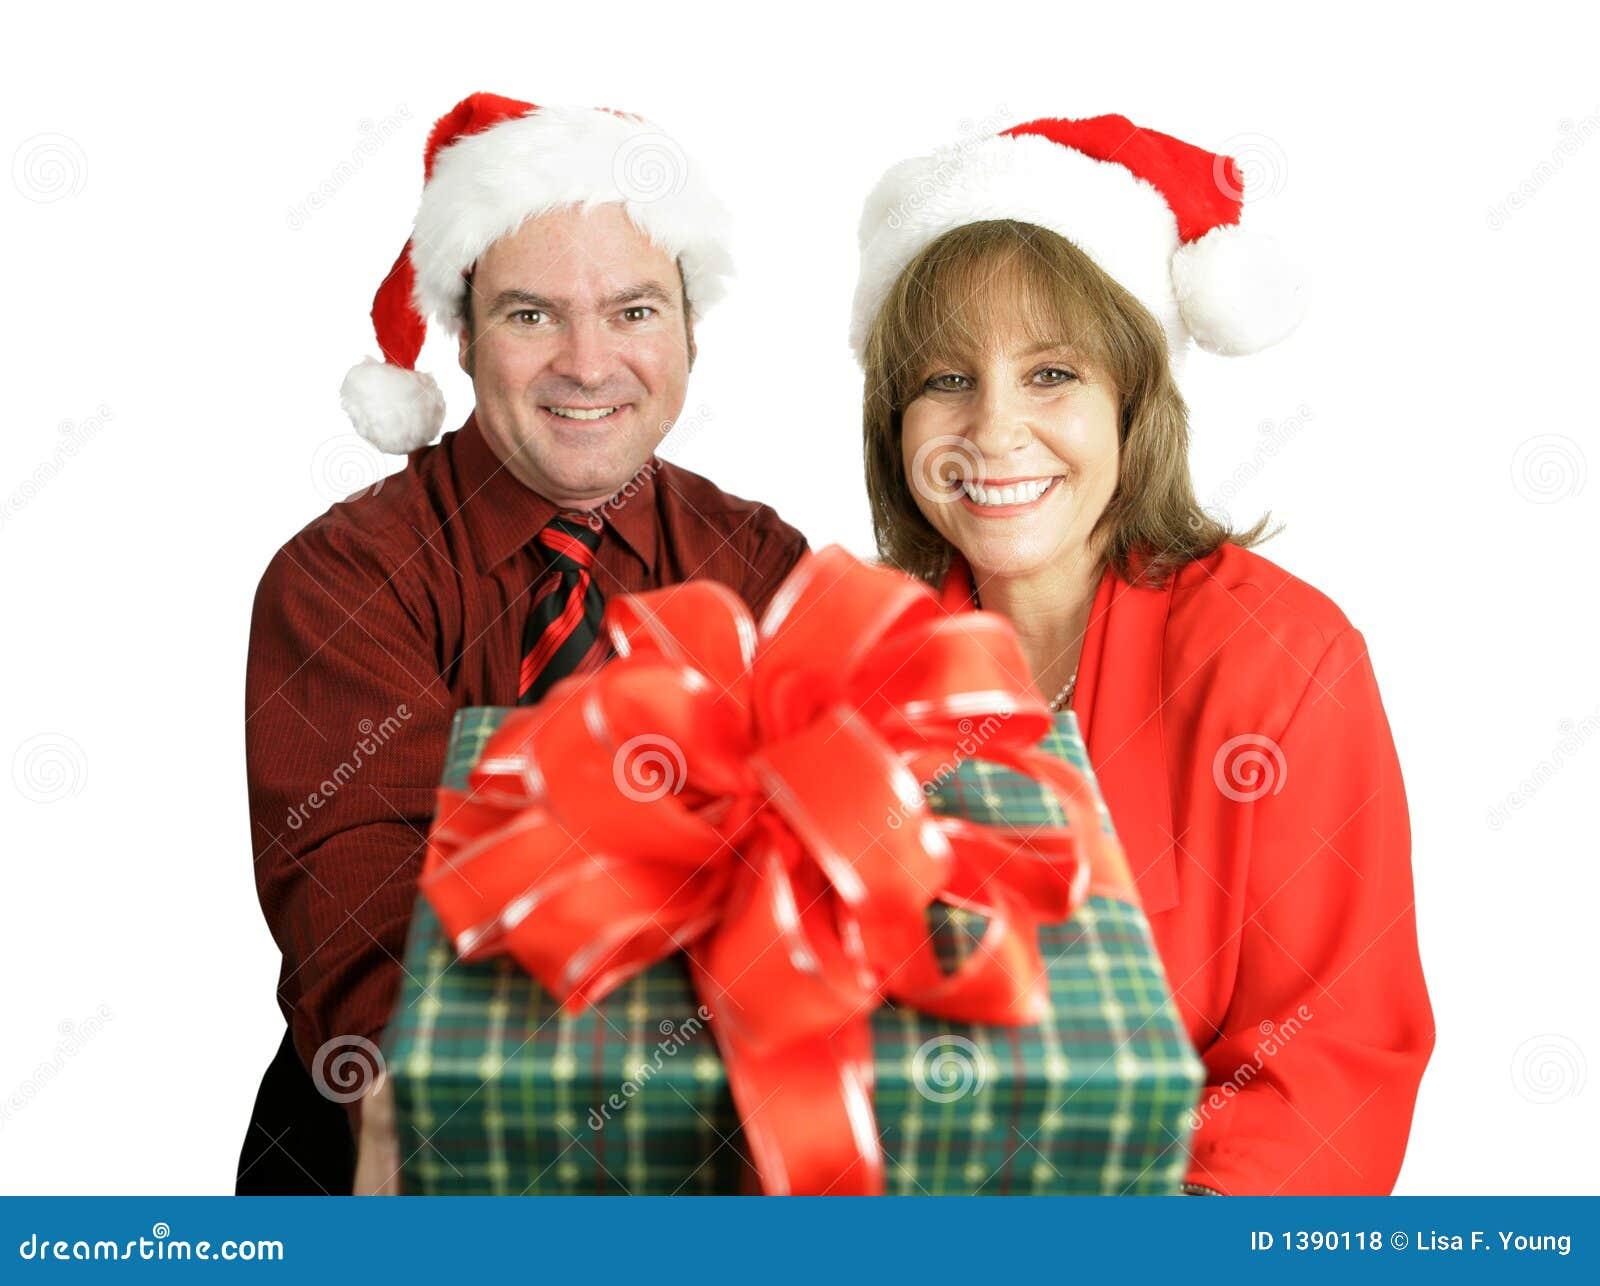 δώρο Χριστουγέννων εσείς